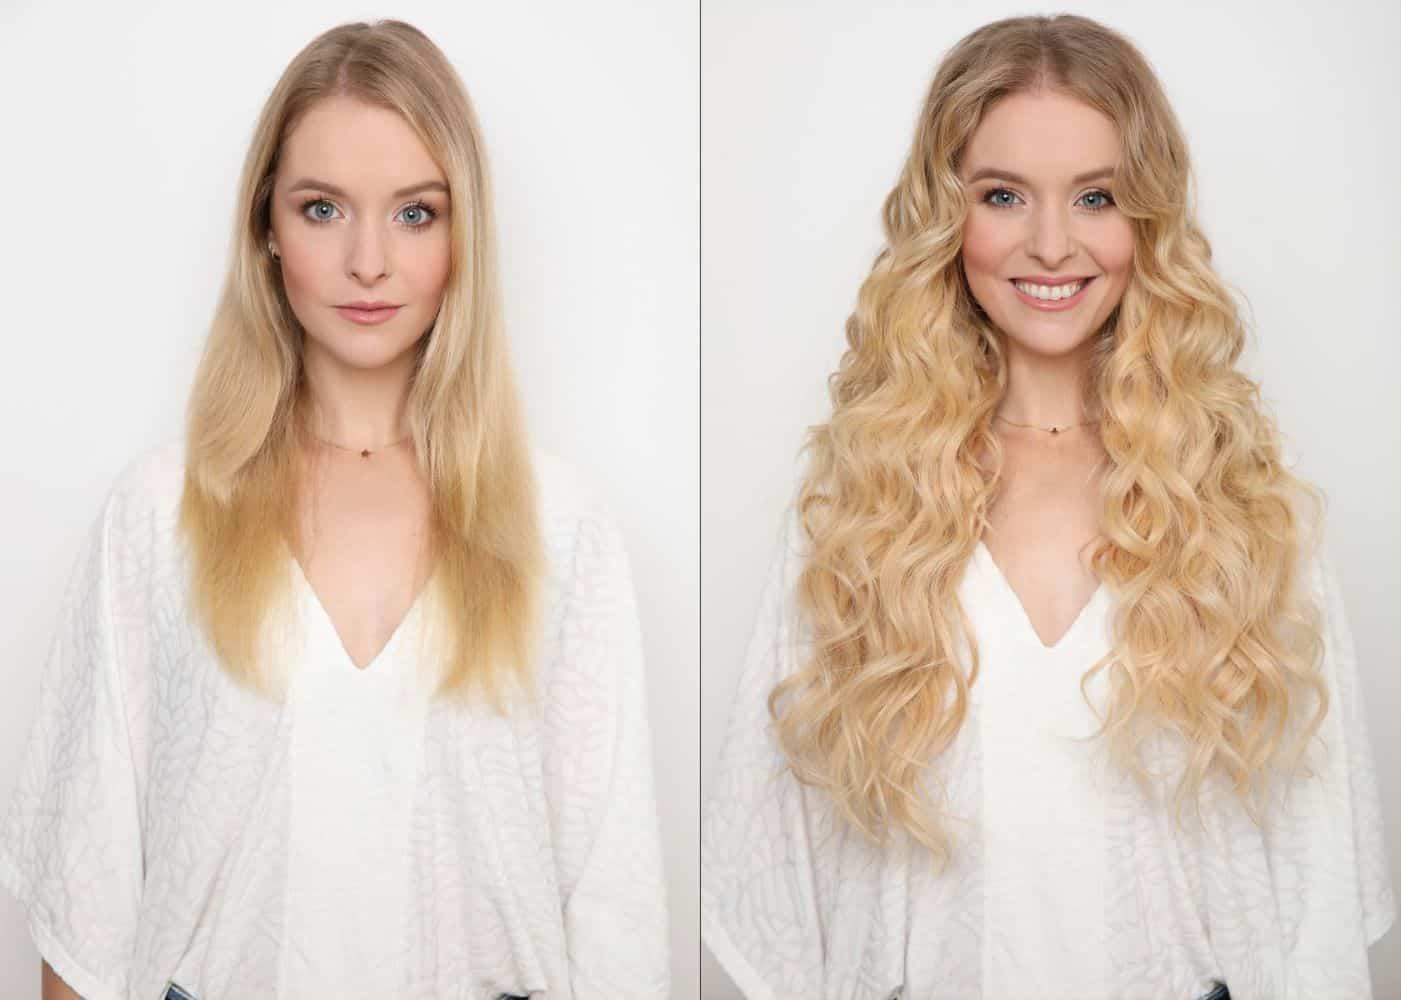 előtte és utána kép, Ashlynn Braid Haj nélkül és hajjal